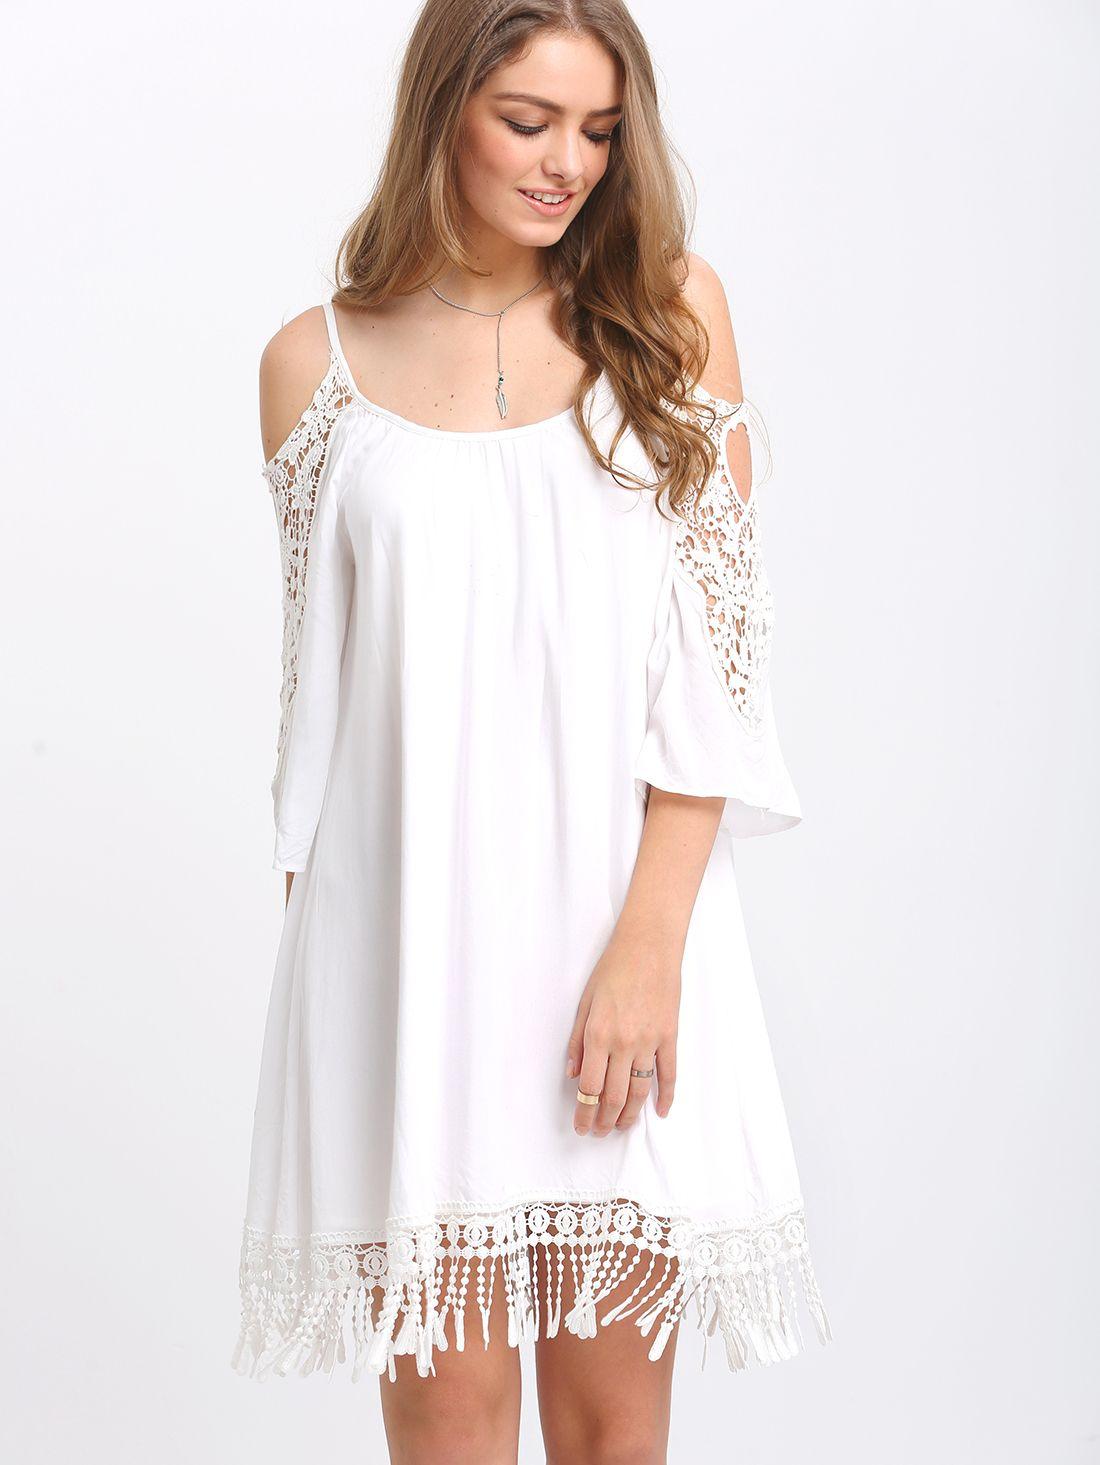 8ecd77f64d Shop Beige Open Shoulder Crochet Lace Sleeve Tassel Dress online. SheIn  offers Beige Open Shoulder Crochet Lace Sleeve Tassel Dress & more to fit  your ...